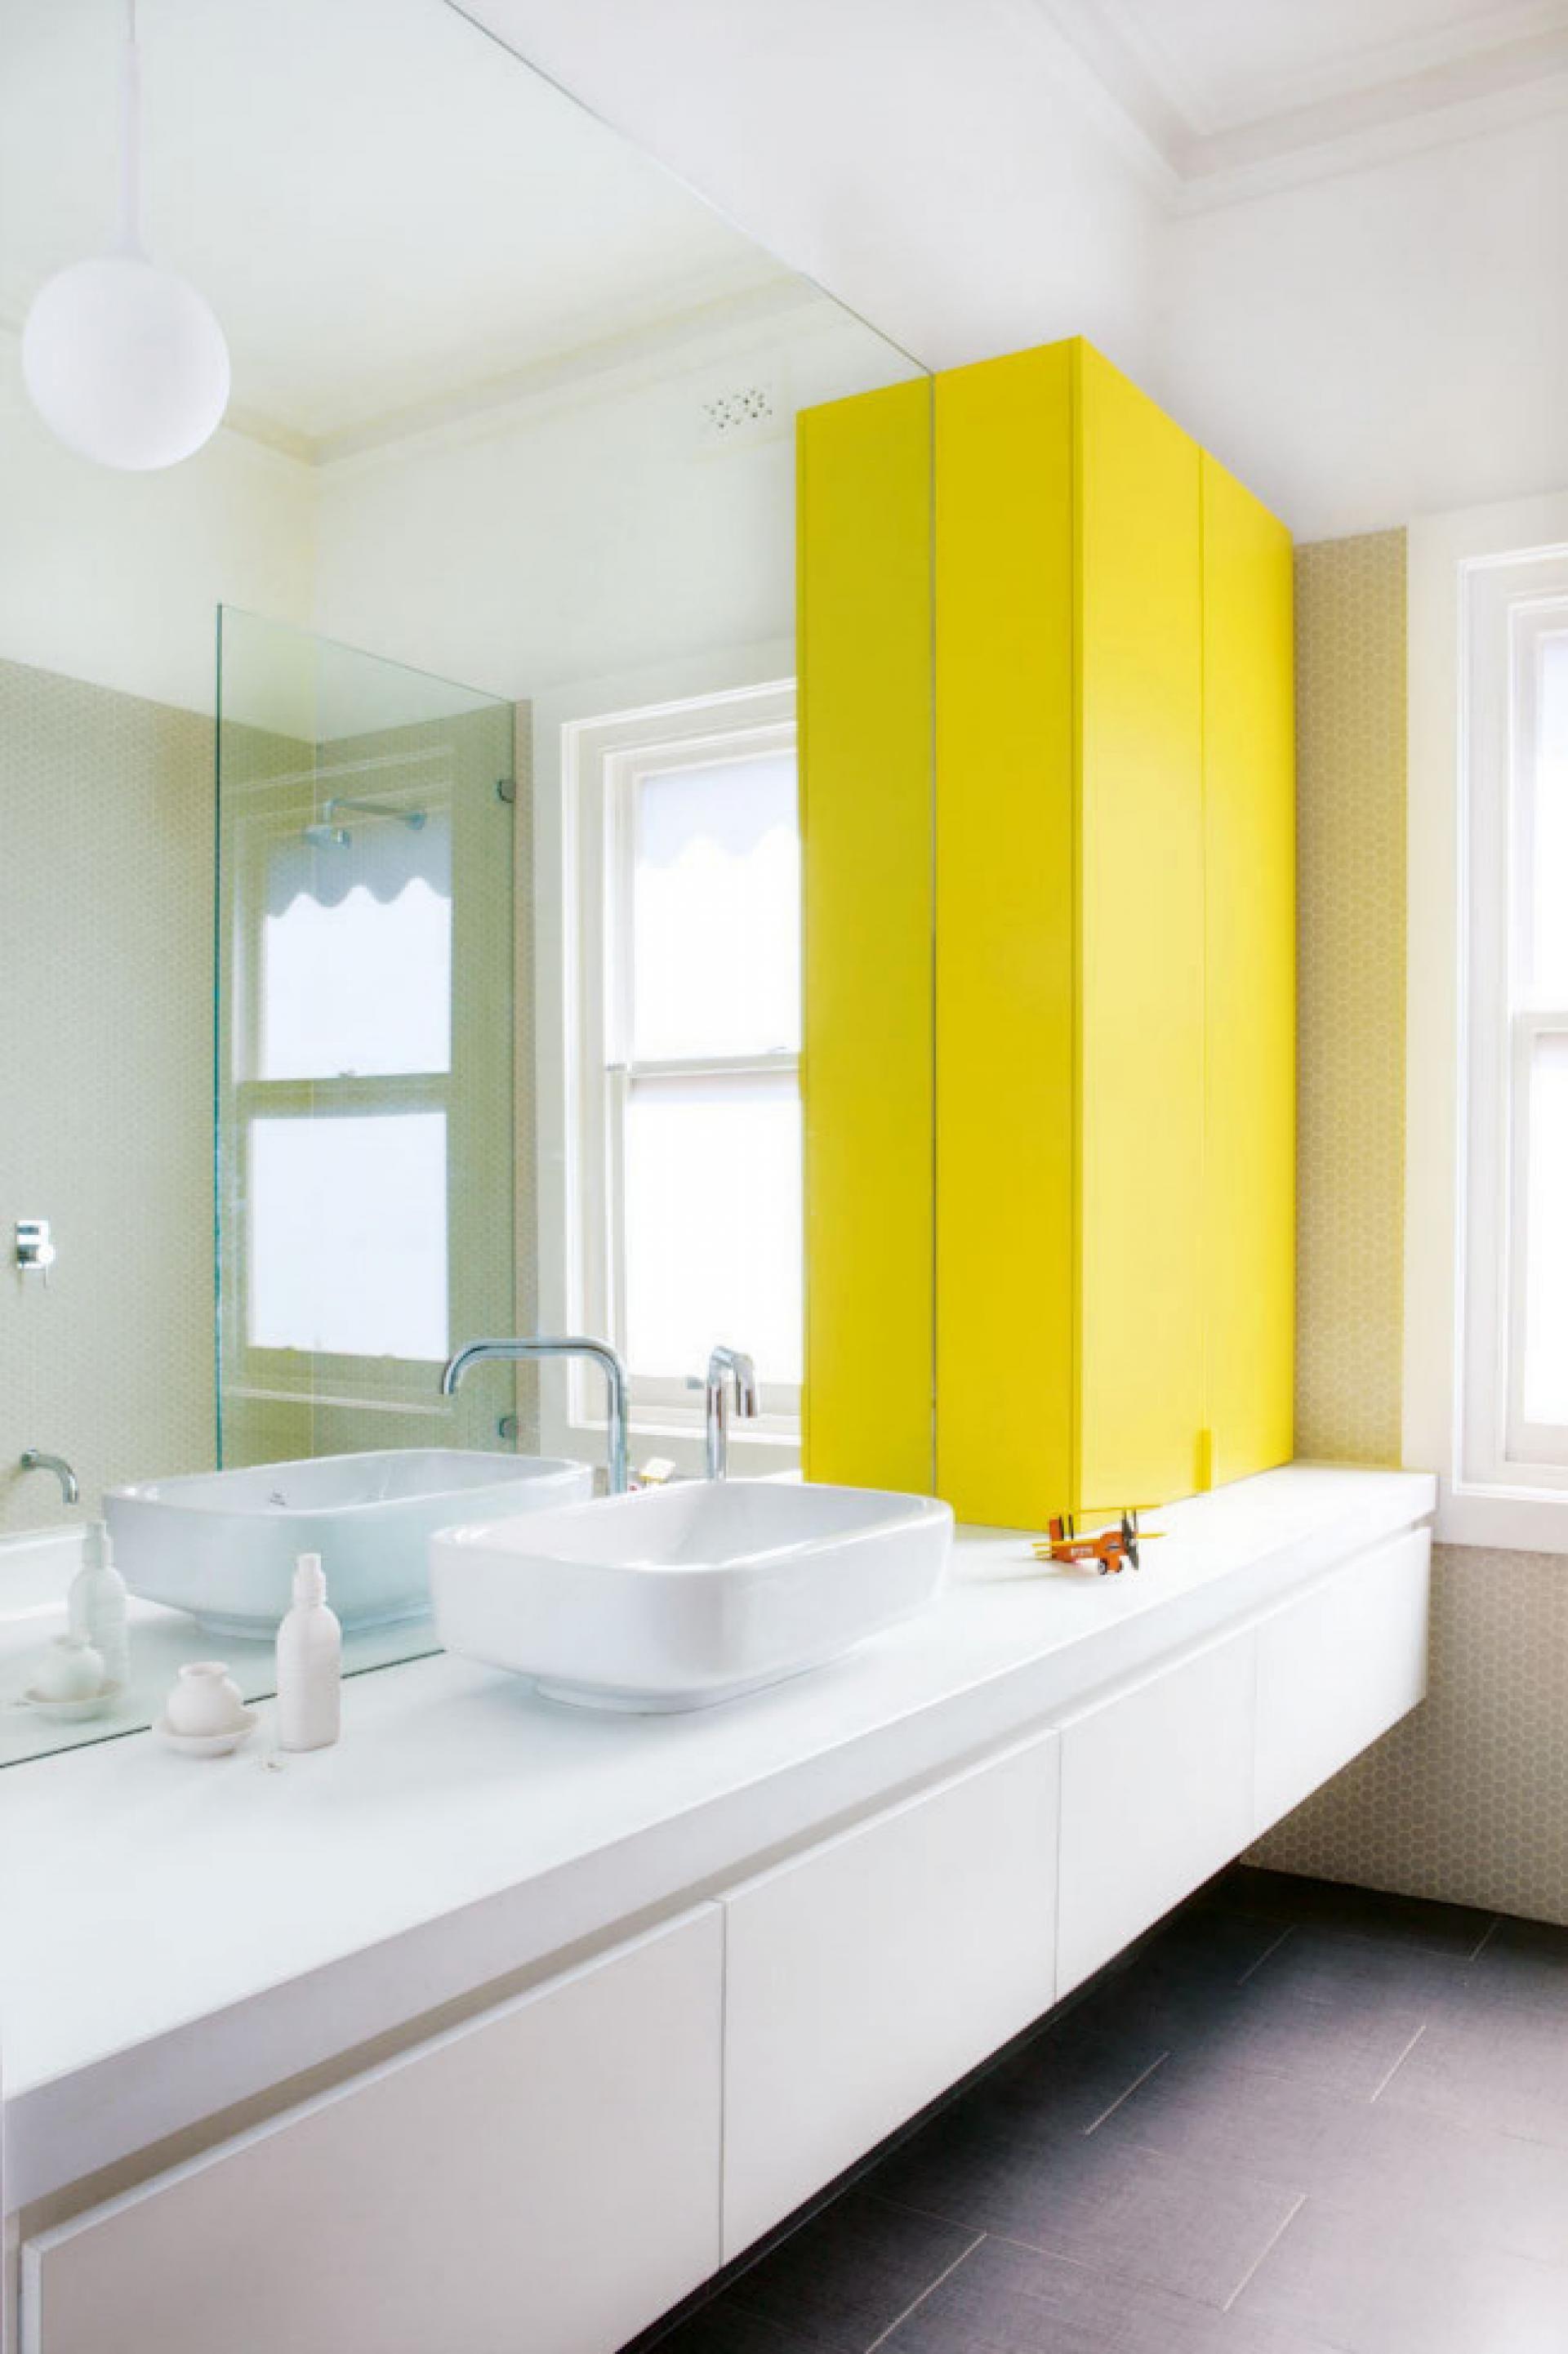 Immagini Di Bagni Moderni 100 idee di bagni moderni (con immagini) | bagni moderni